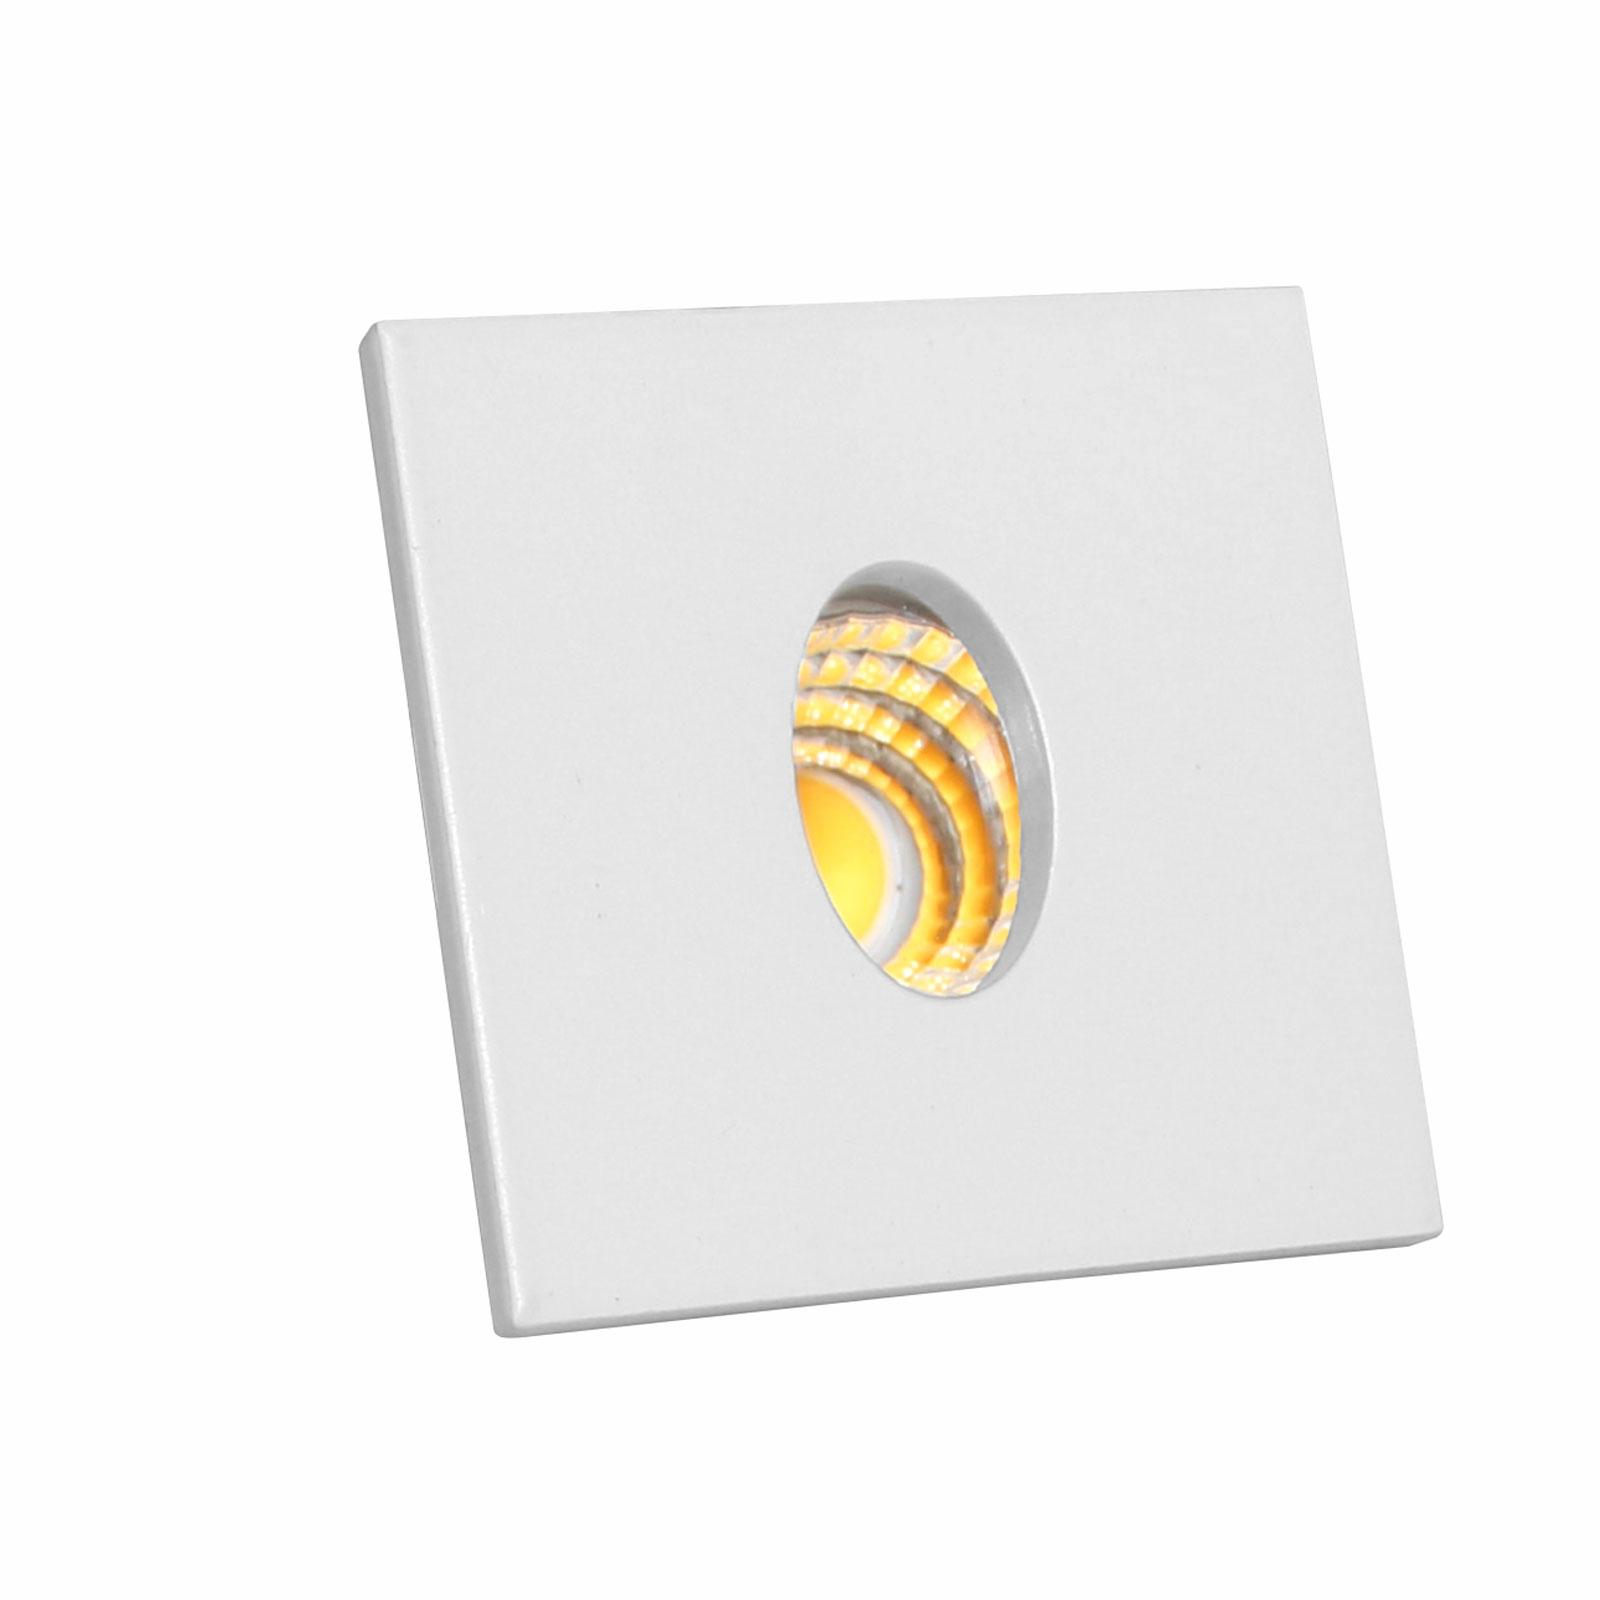 چراغ توکار مینی مربعی 3 وات فاین الکتریک مدل FEC-COB-05